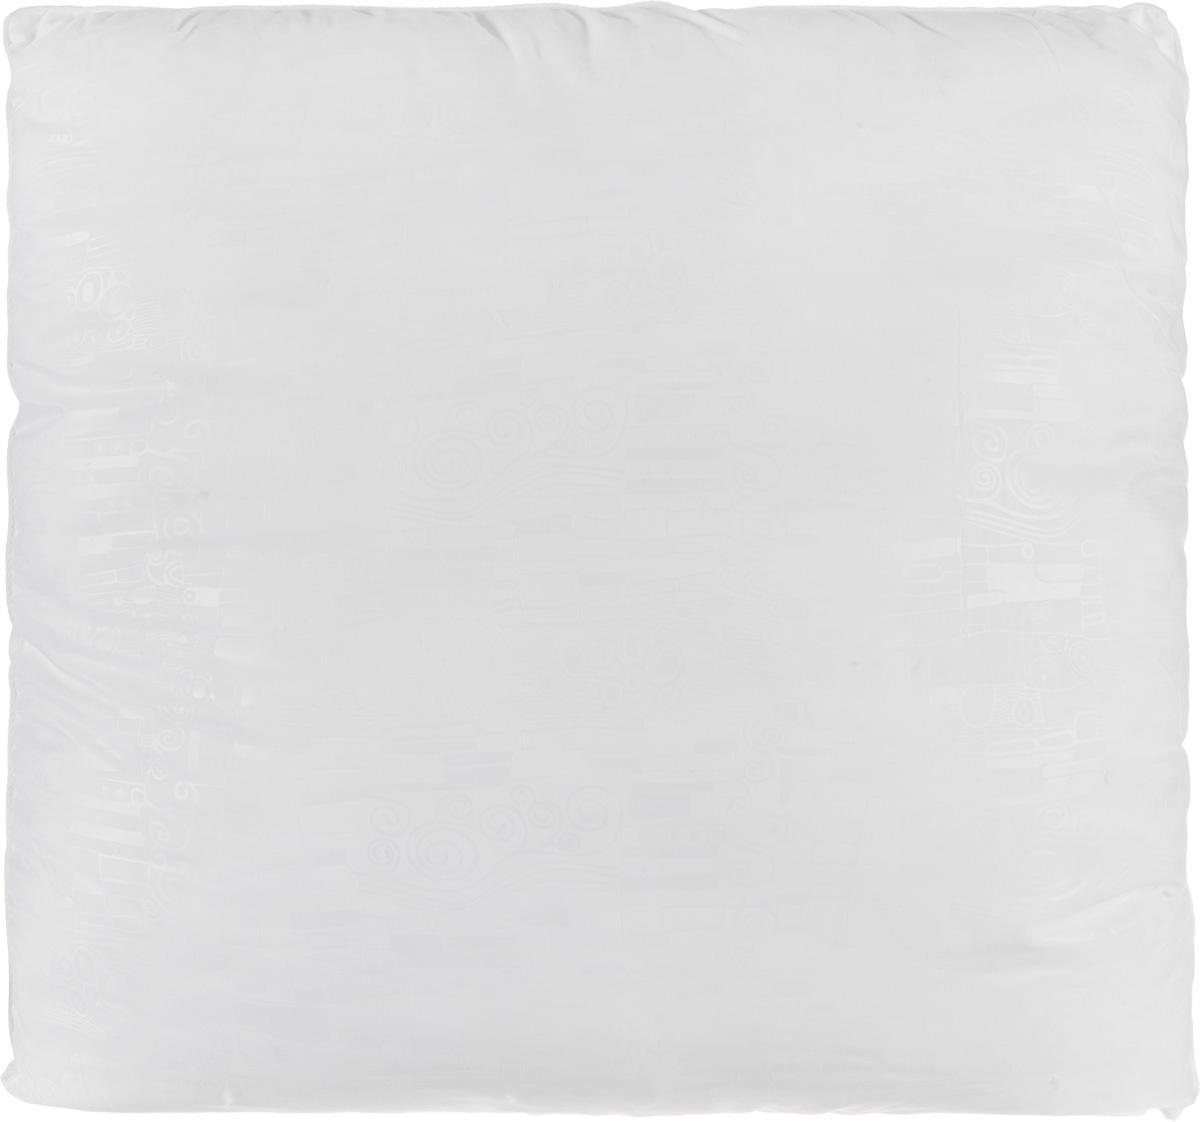 Подушка Smart Textile Безмятежность, наполнитель: лебяжий пух, цвет: белый, 70 х 70 смwlr233235Удобная и мягкая подушка Smart Textile Безмятежность подарит здоровый сон и отличный отдых. Чехол подушки на молнии выполнен из микрофибры с красивым узором. В качестве наполнителя используется лебяжий пух. Лебяжий пух - это 100% сверхтонкое высокосиликонизированное волокно. Такой наполнитель мягкий, приятный на ощупь и гипоаллергенный. Подушка удобна в эксплуатации: легко стирается, быстро сохнет, сохраняя первоначальные свойства, устойчива к воздействию прямых солнечных лучей, износостойка и прочна. Изделие обладает высокой теплоизоляционной способностью - не вызывает перегрева головы. Подушка обеспечит правильную поддержку головы и шеи во время сна. Наполнитель не сбивается в комки и сохраняет тепло. Подушка с этим наполнителем подойдет людям, склонным к аллергии, так как отталкивает пыль и не впитывает запахи.